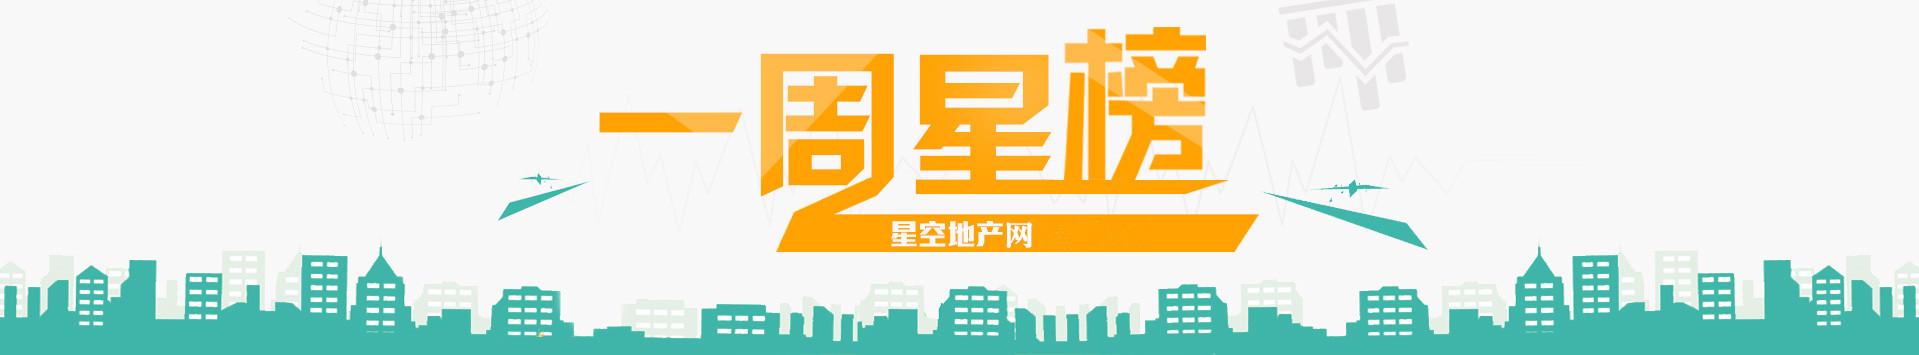 上海楼市进入休假!上周新增供应为0